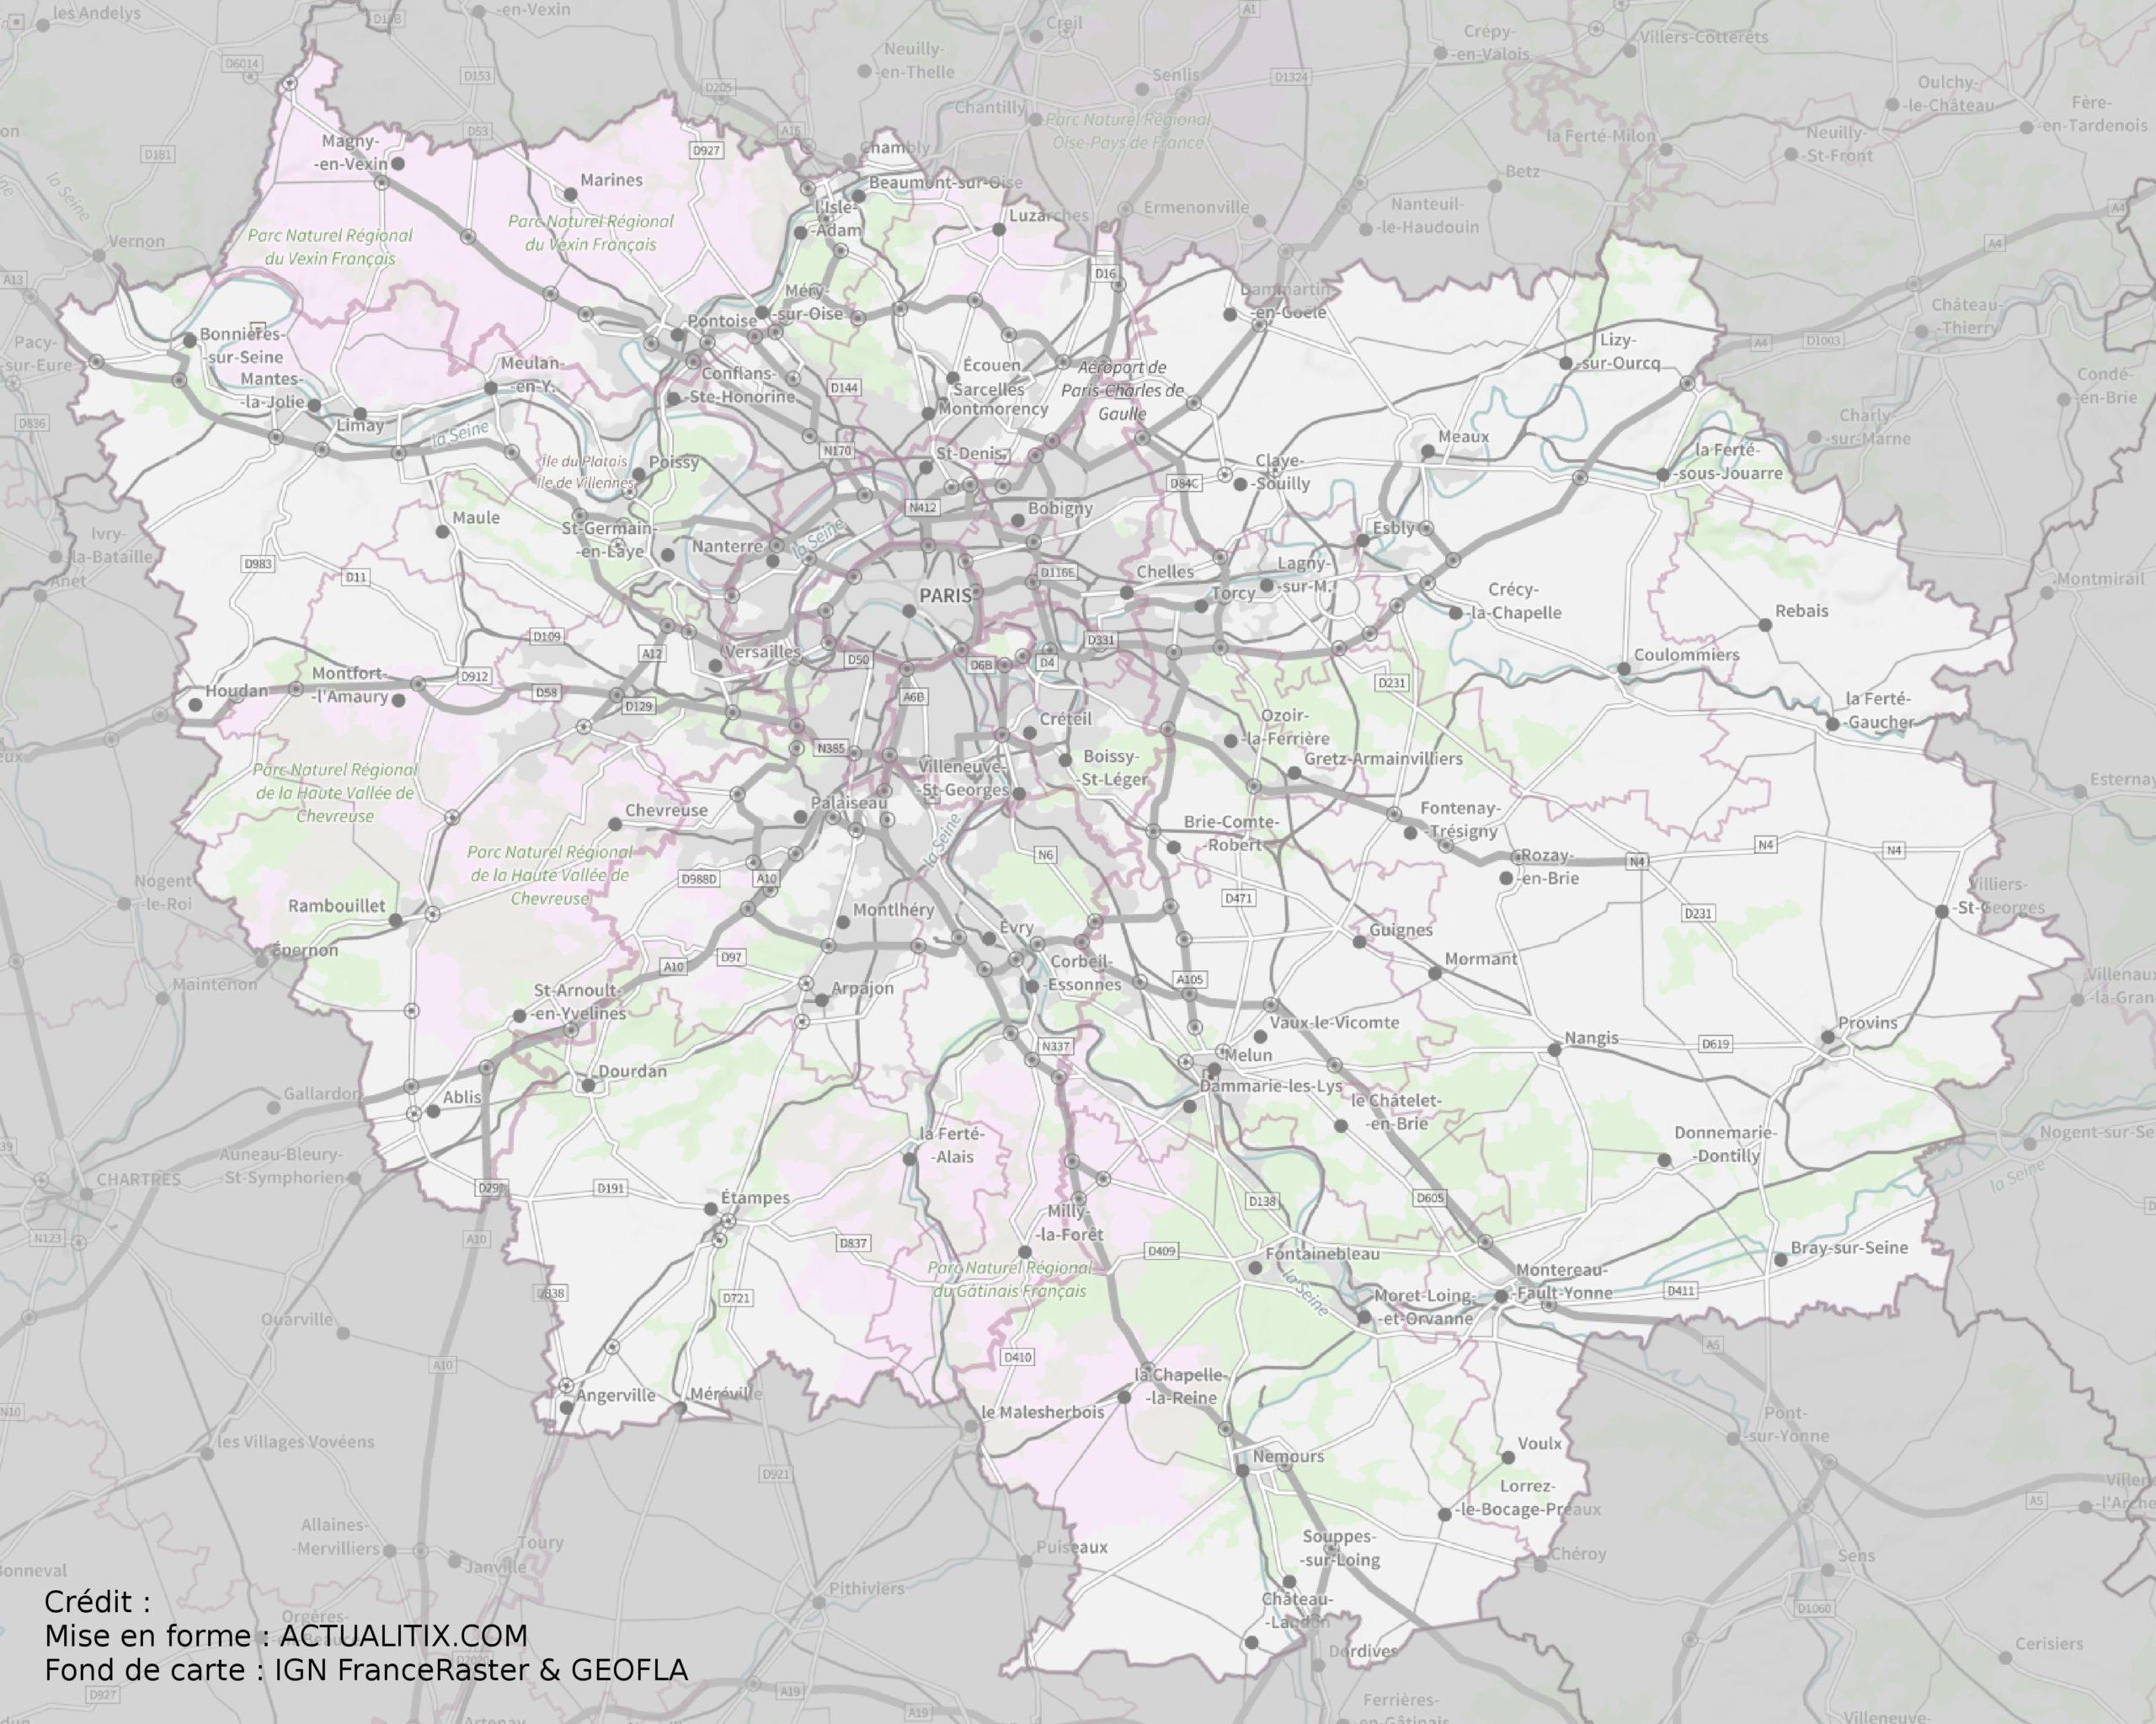 Carte De L'île-De-France - Île-De-France Carte Des Villes avec Mappe De France